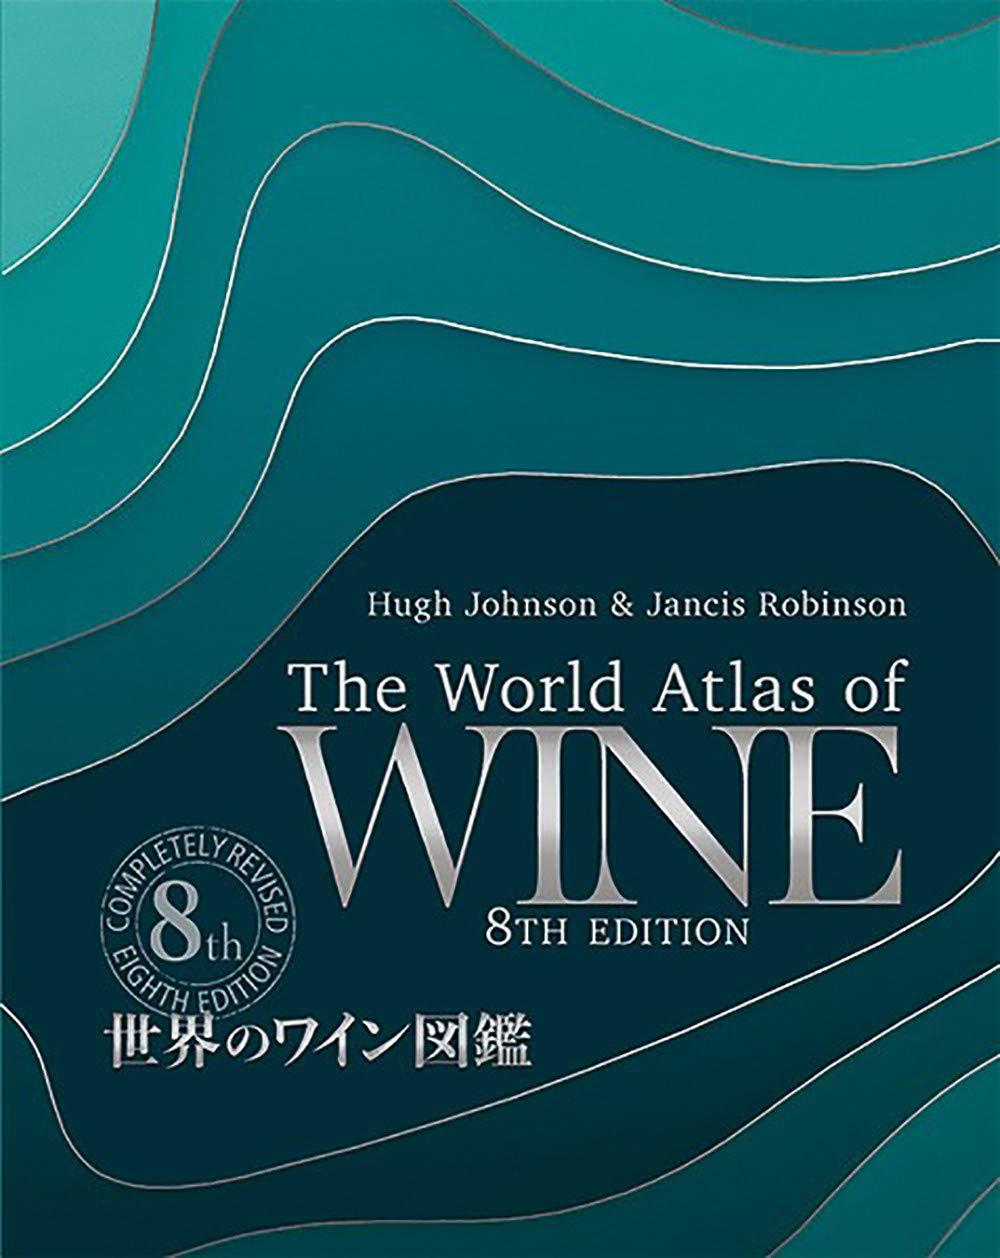 『世界のワイン図鑑』第8版